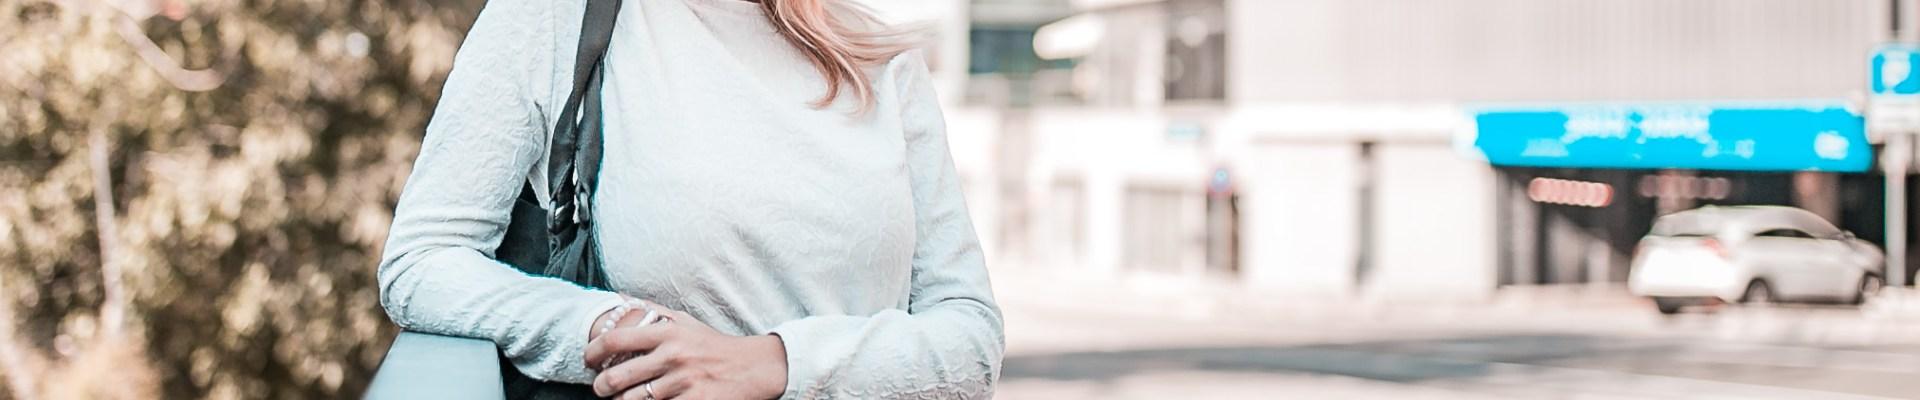 Marija Mažar - žena sa stilom, poduzetnica s vizijom